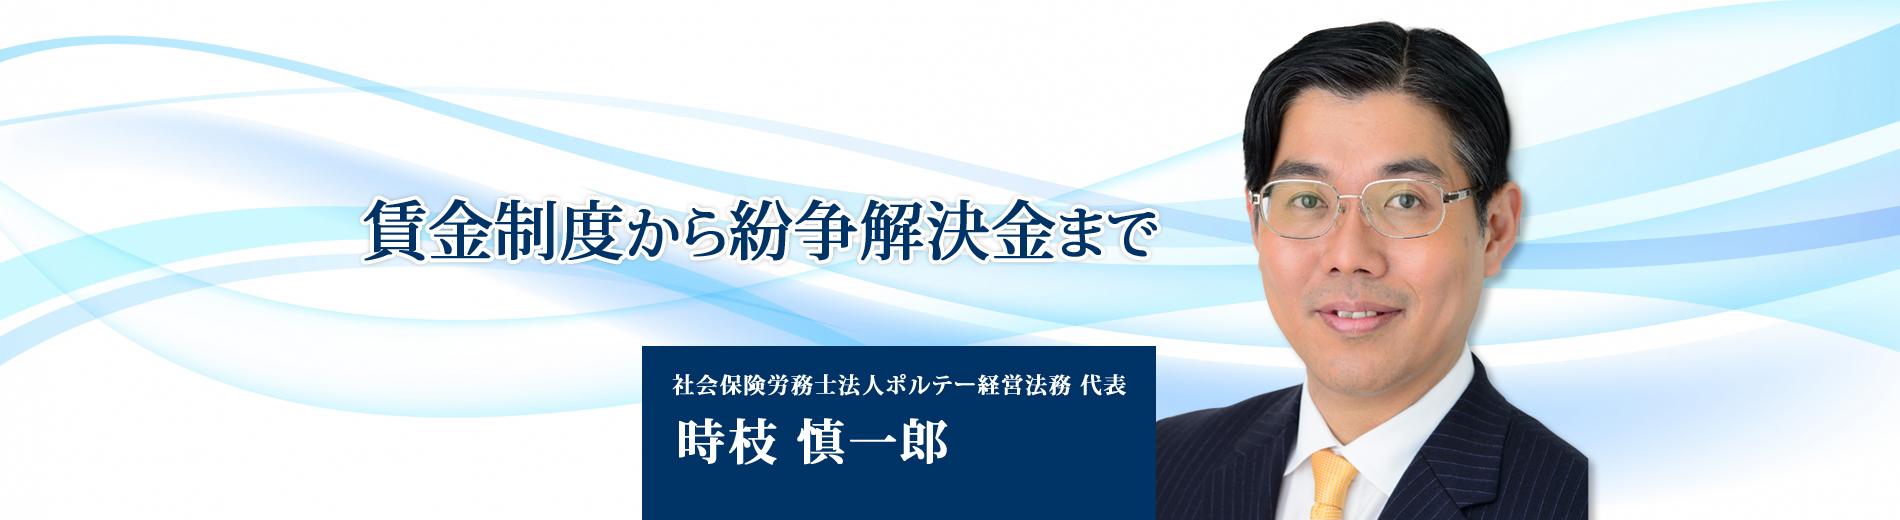 川口 社労士 賃金 相談の時枝慎一郎